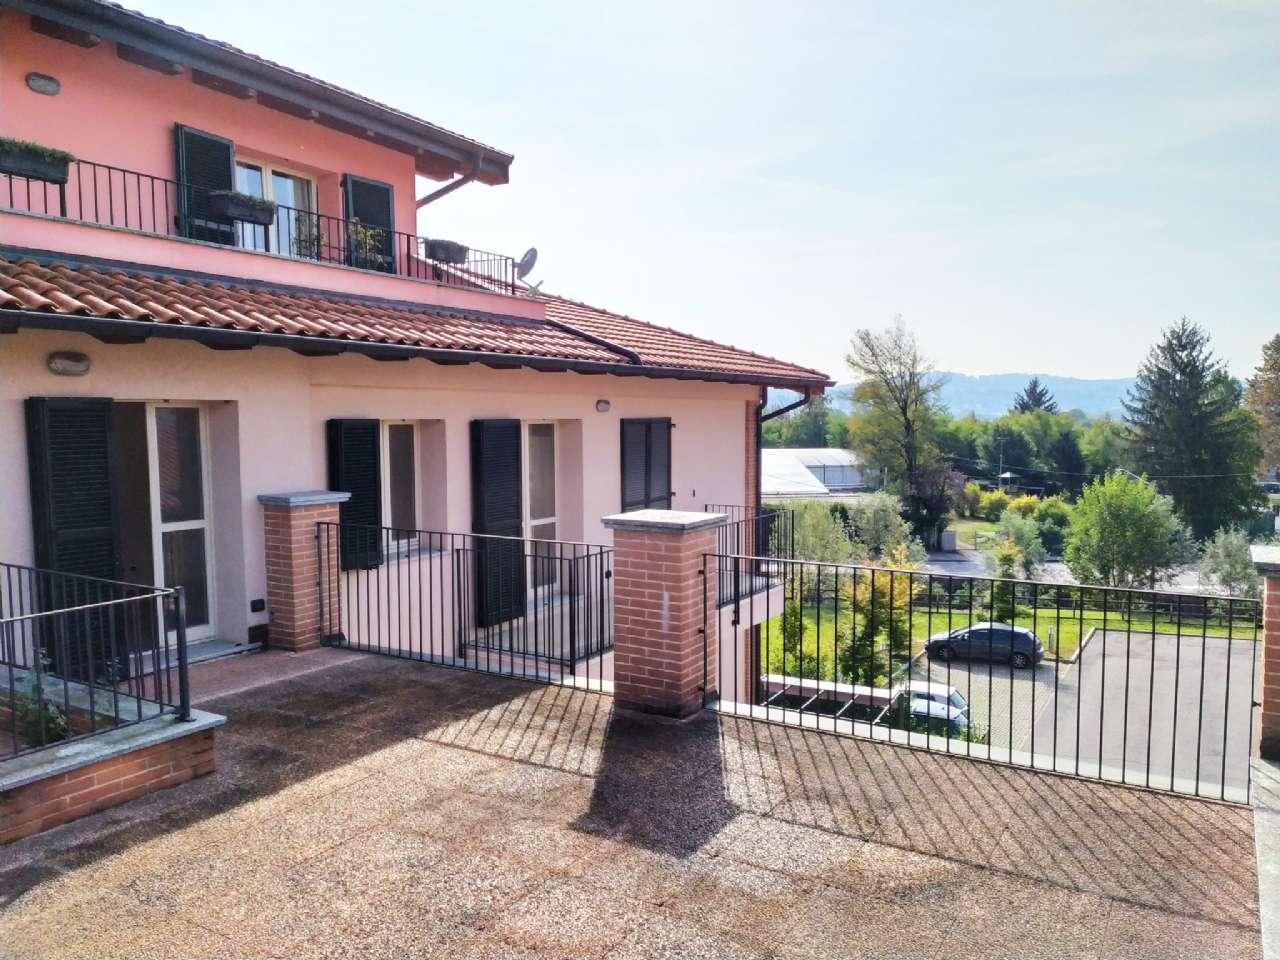 Lissago - Calcinate - Trilocale con grande terrazzo e box, foto 0